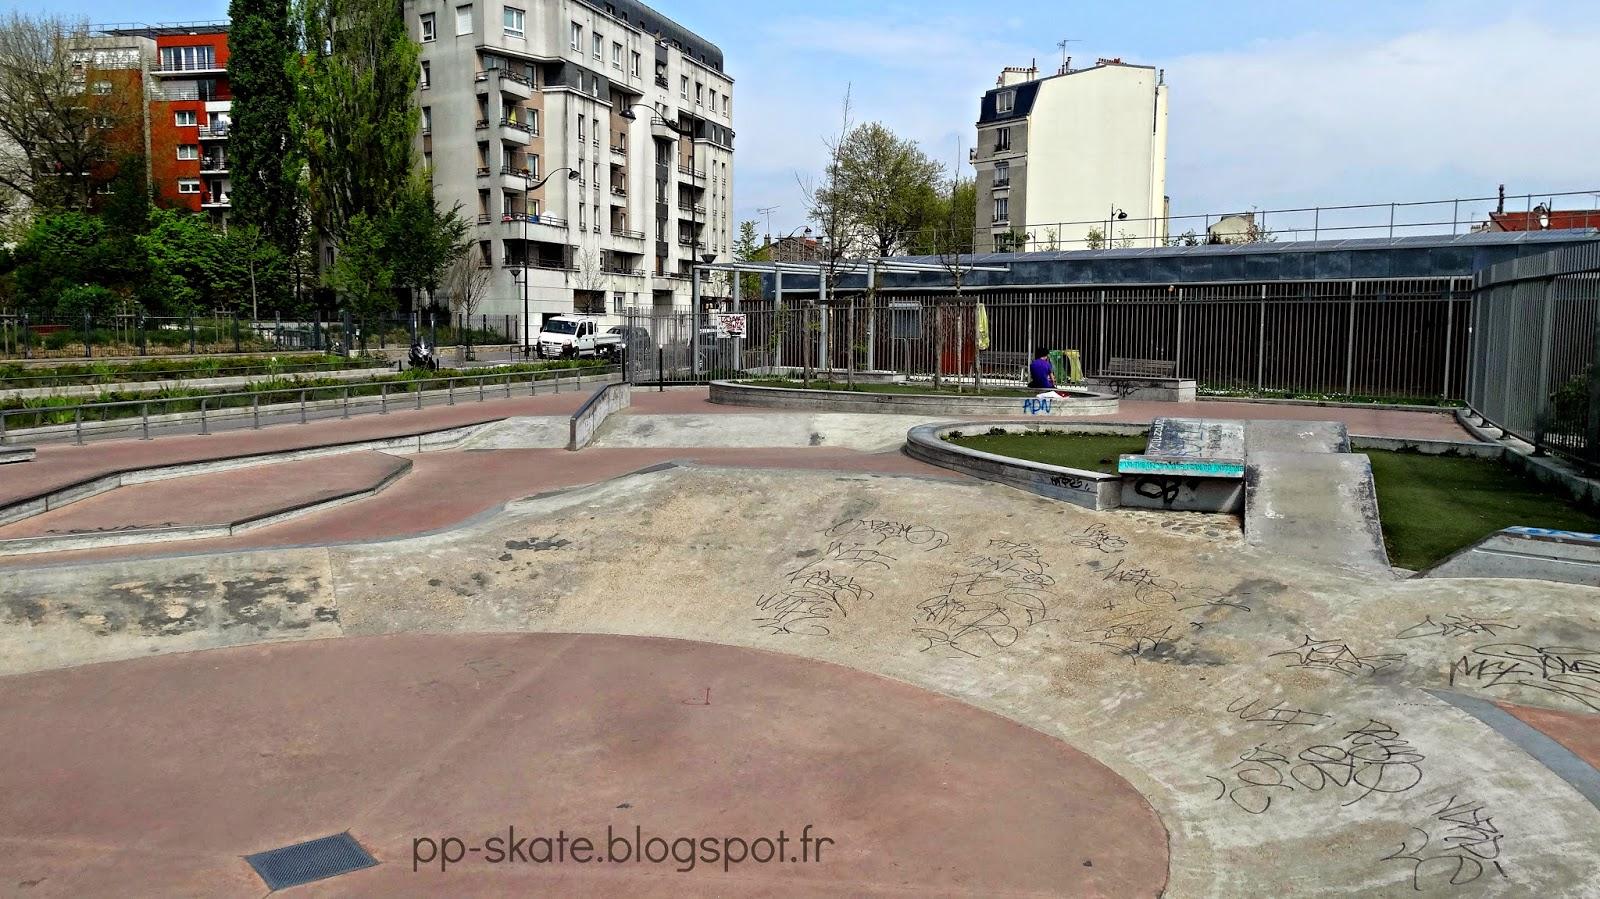 skate park paris